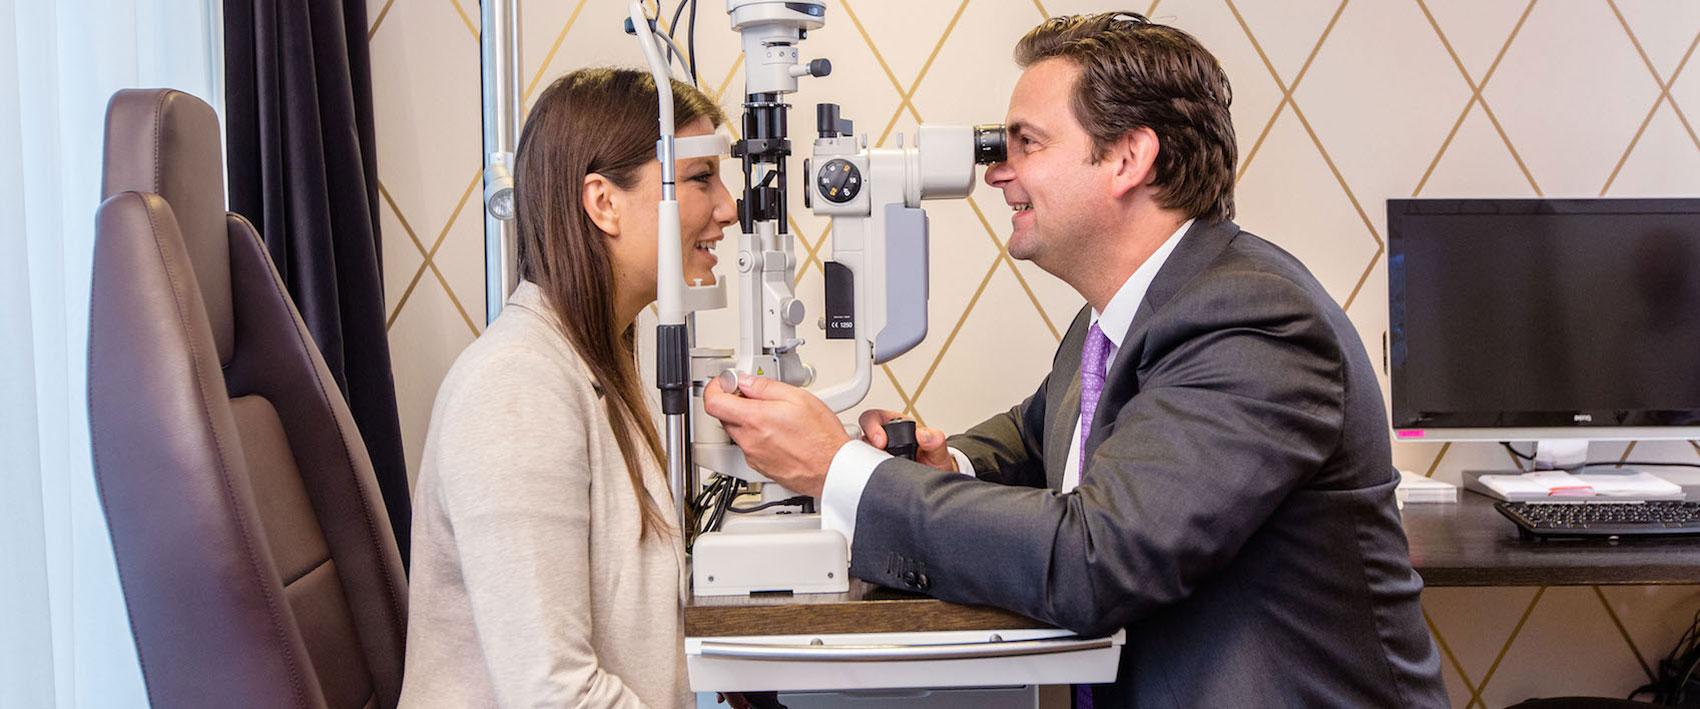 Dr. Breyer bei einer Untersuchung mit einer Patientin.